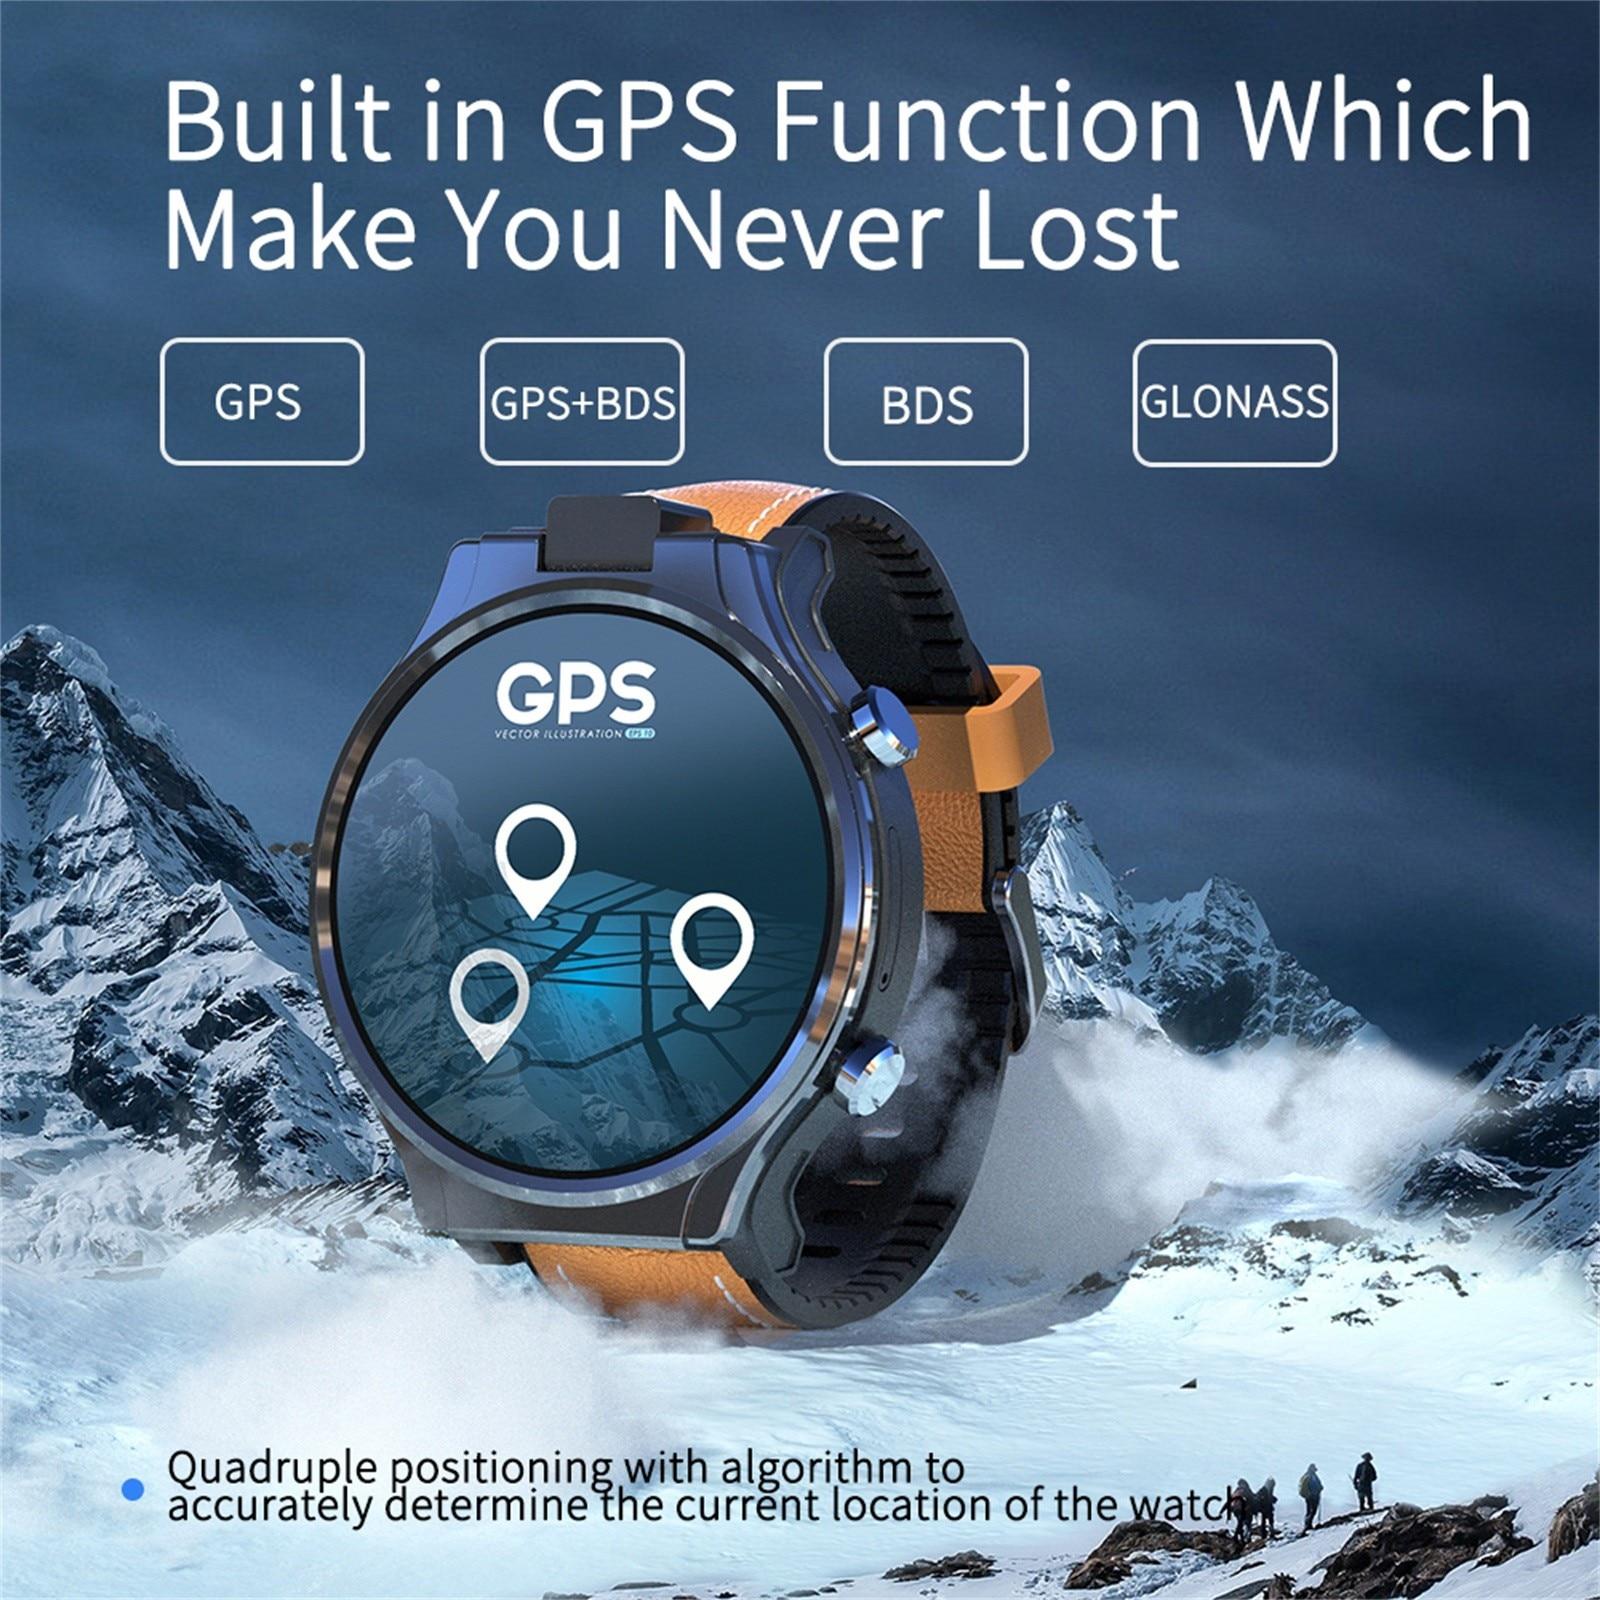 متعددة الوظائف بلوتوث ساعة ذكية aplp برو 4G ساعة ذكية الرجال واي فاي لتحديد المواقع الساعات 4GB 64GB أندرويد 10.0 مشاهدة الهاتف